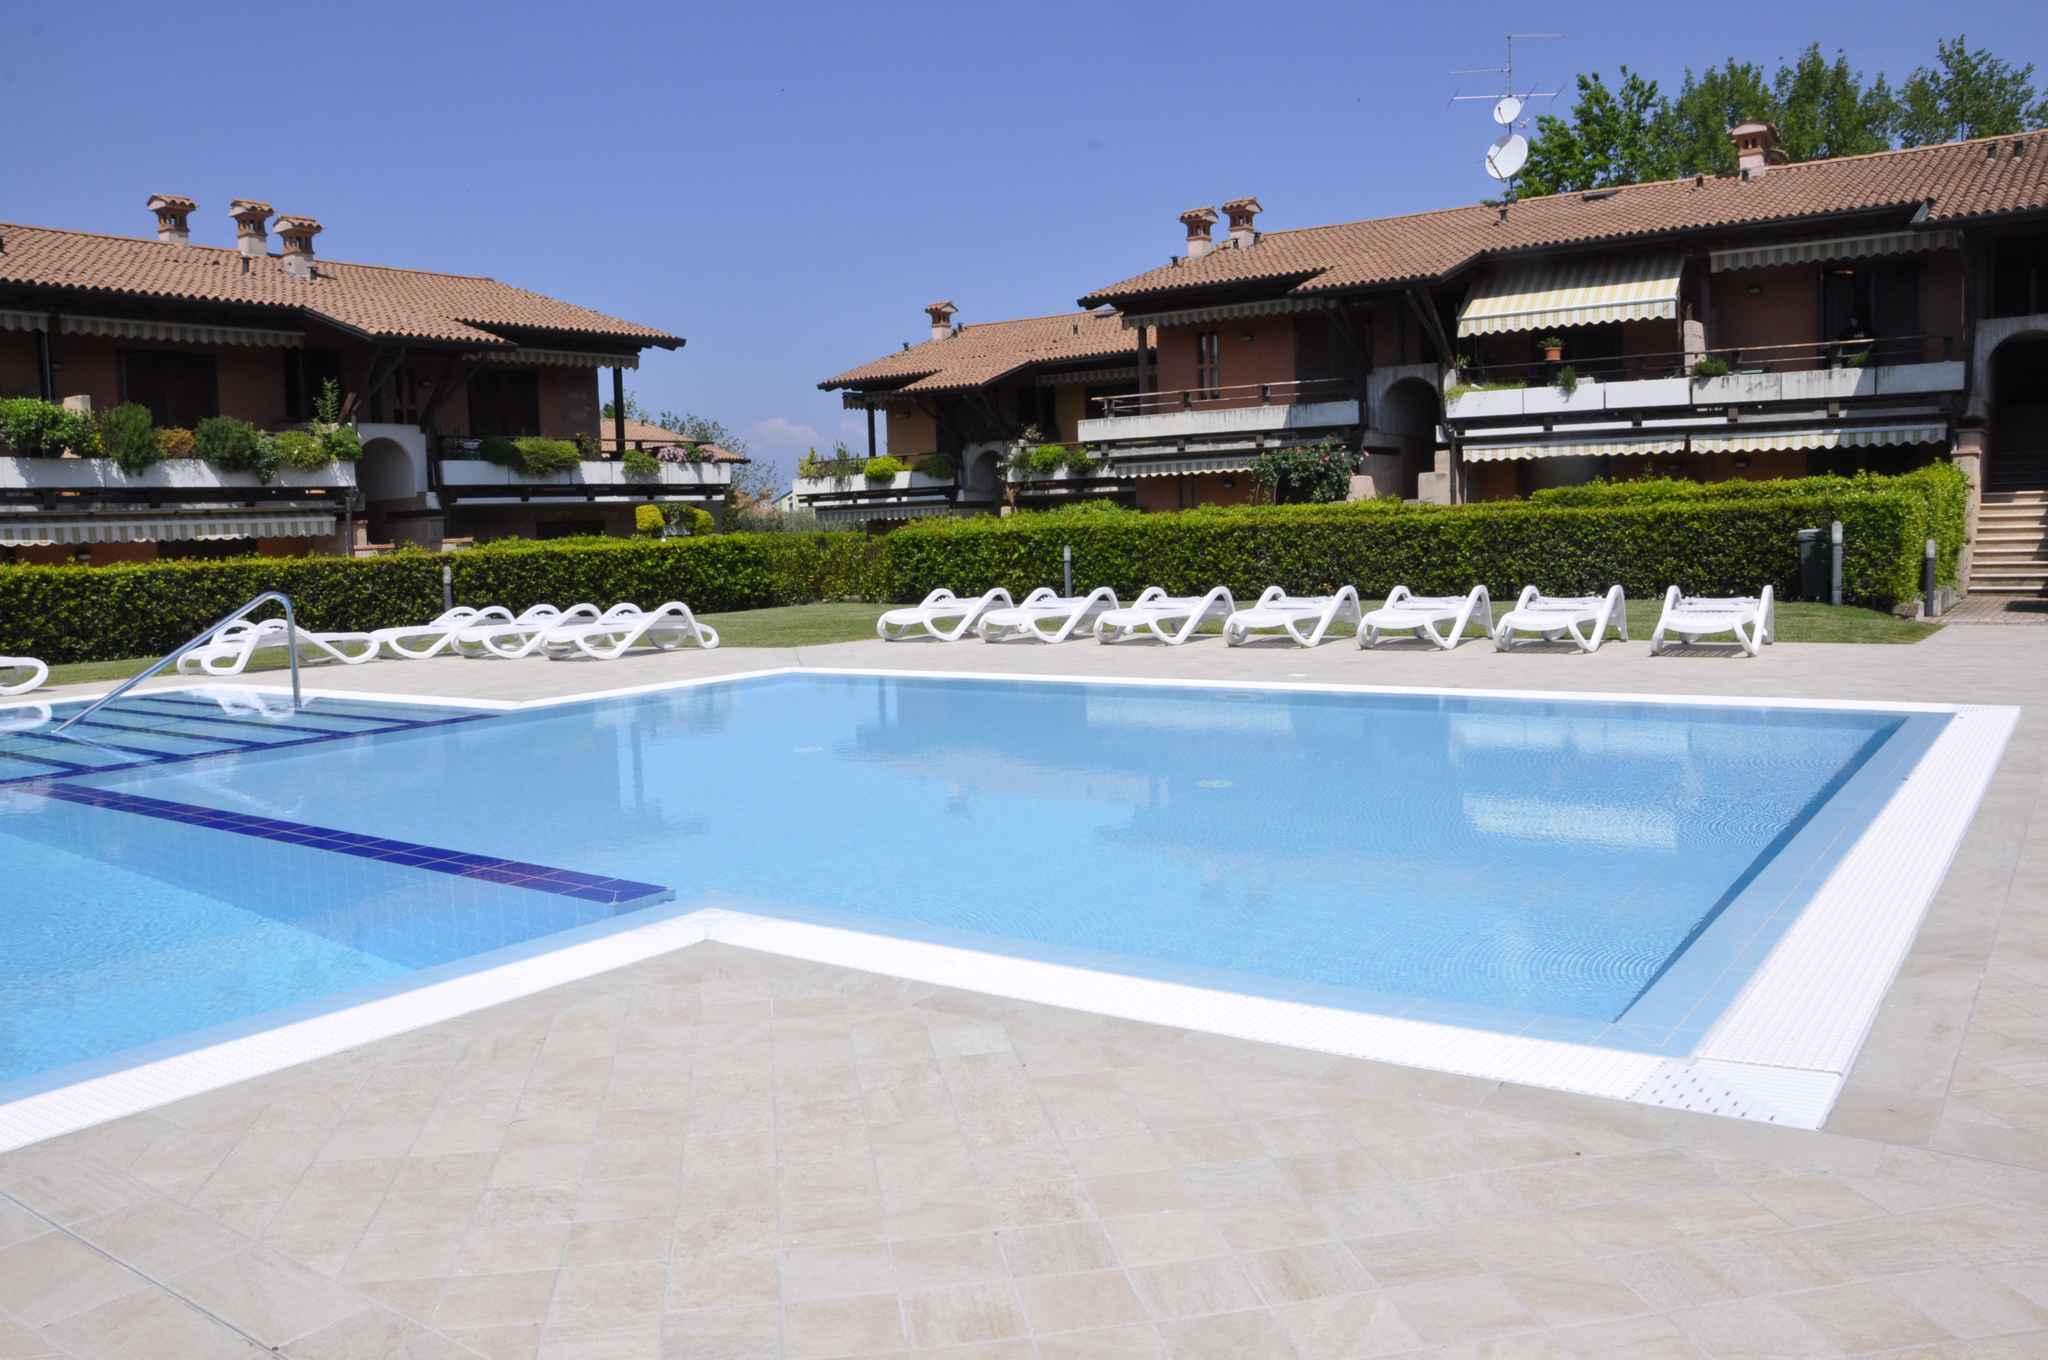 Ferienwohnung con piscina (279580), Lazise, Gardasee, Venetien, Italien, Bild 7